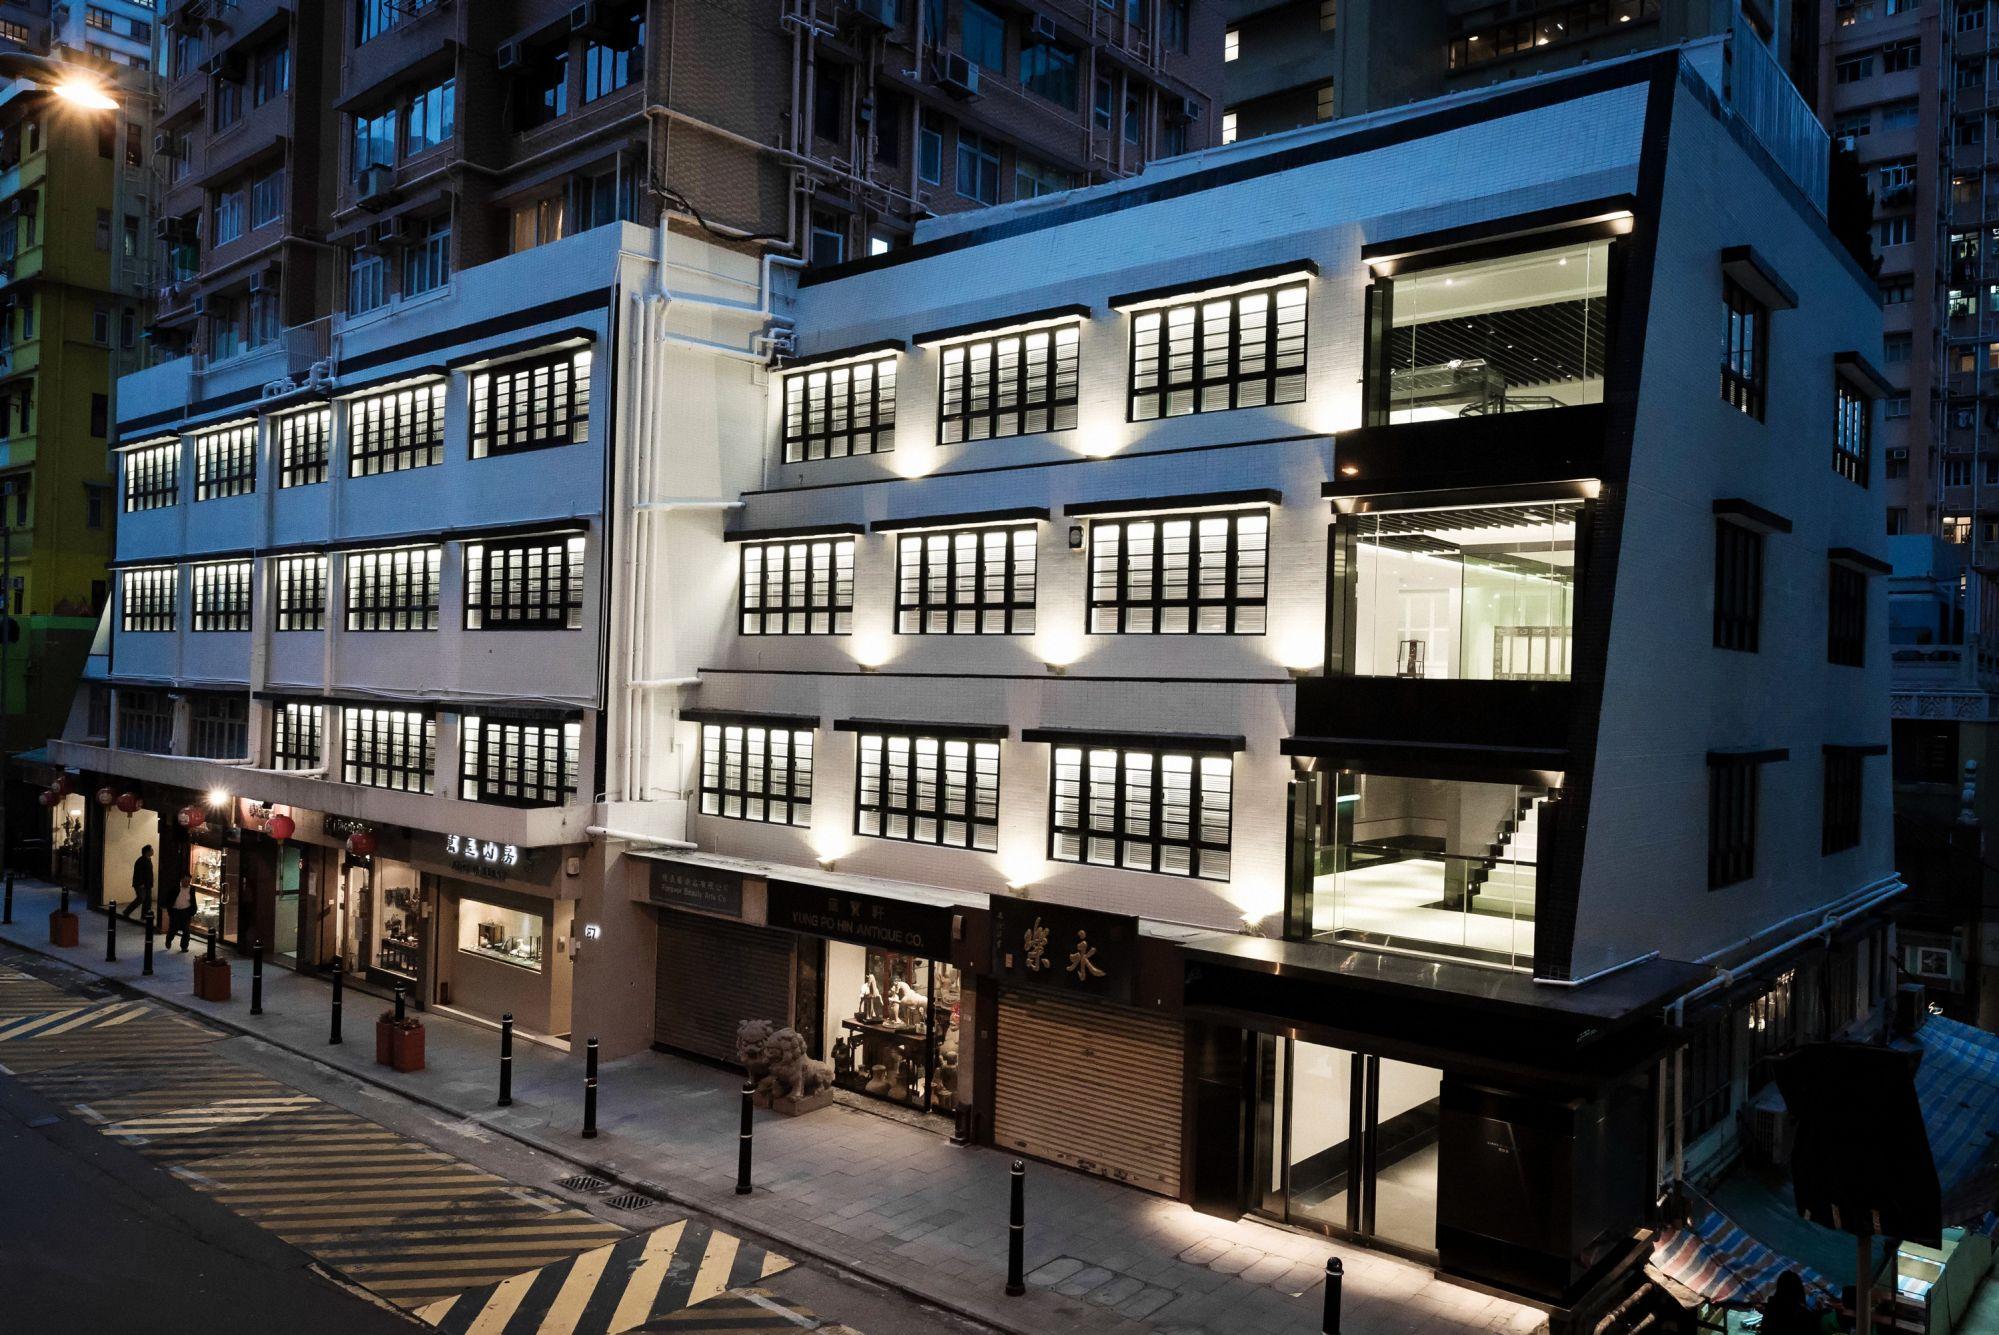 Liang Yi Museum Launches Liang Yi Arts Corridor, A New Cultural Solidarity Initiative